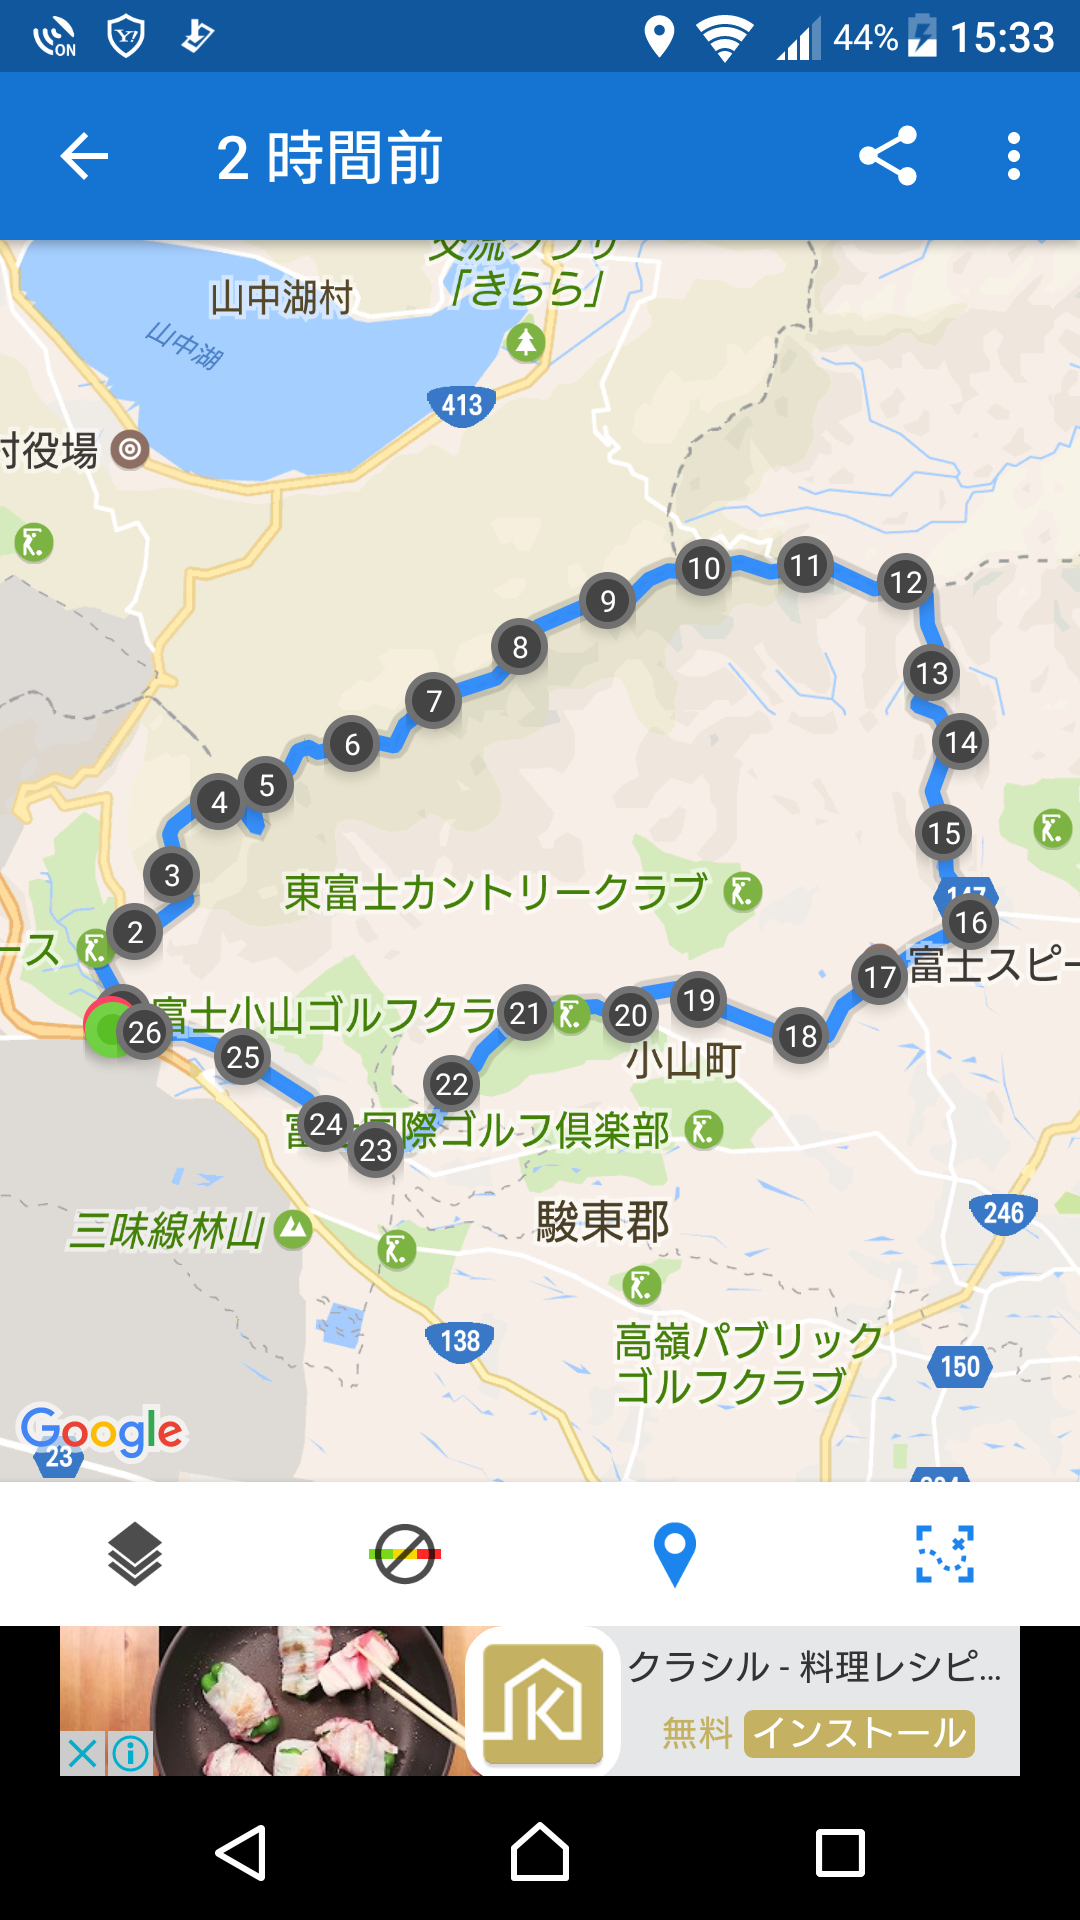 f:id:ynakayama27:20170516172825p:plain